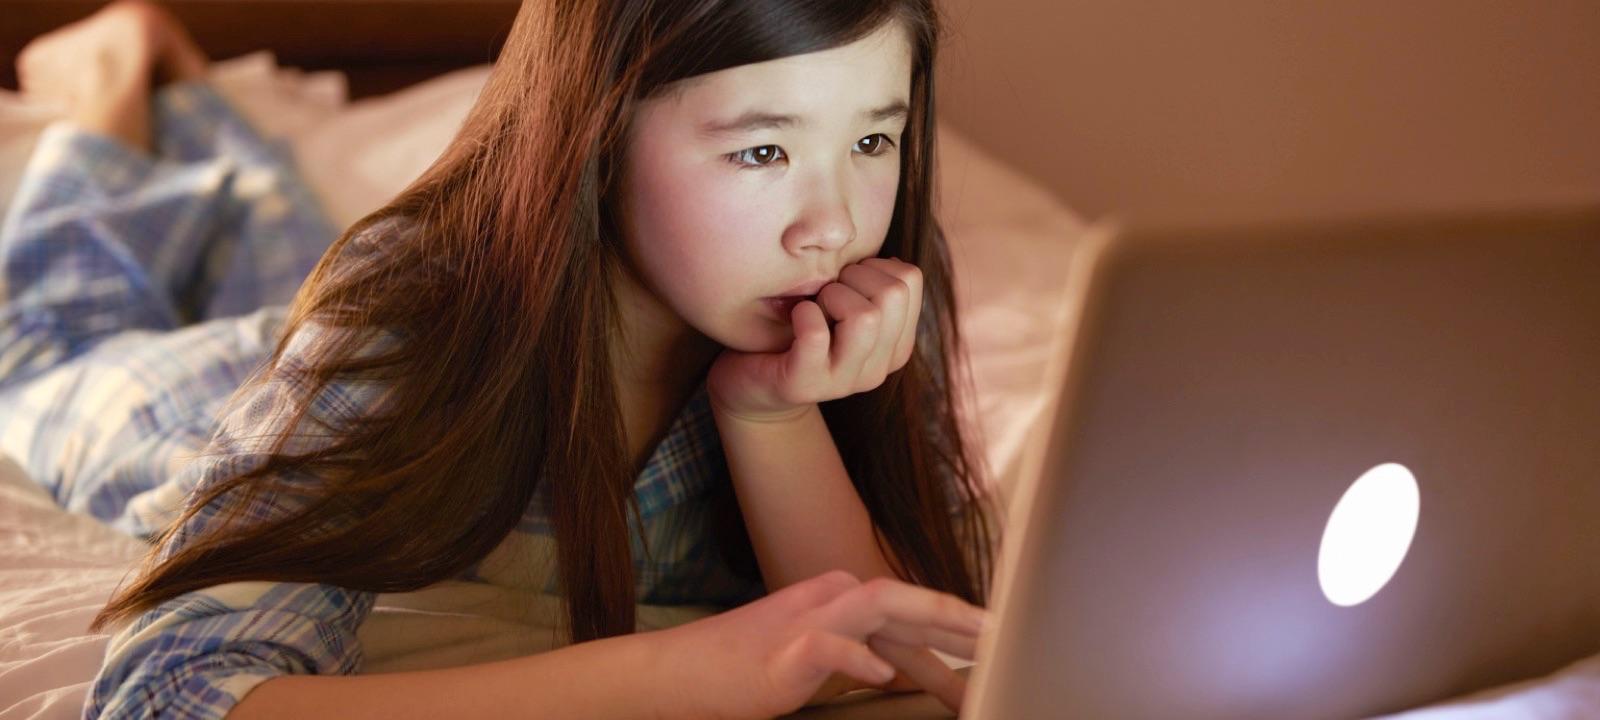 ممنوعیت رسانه ای در اتاق خواب فرزندان